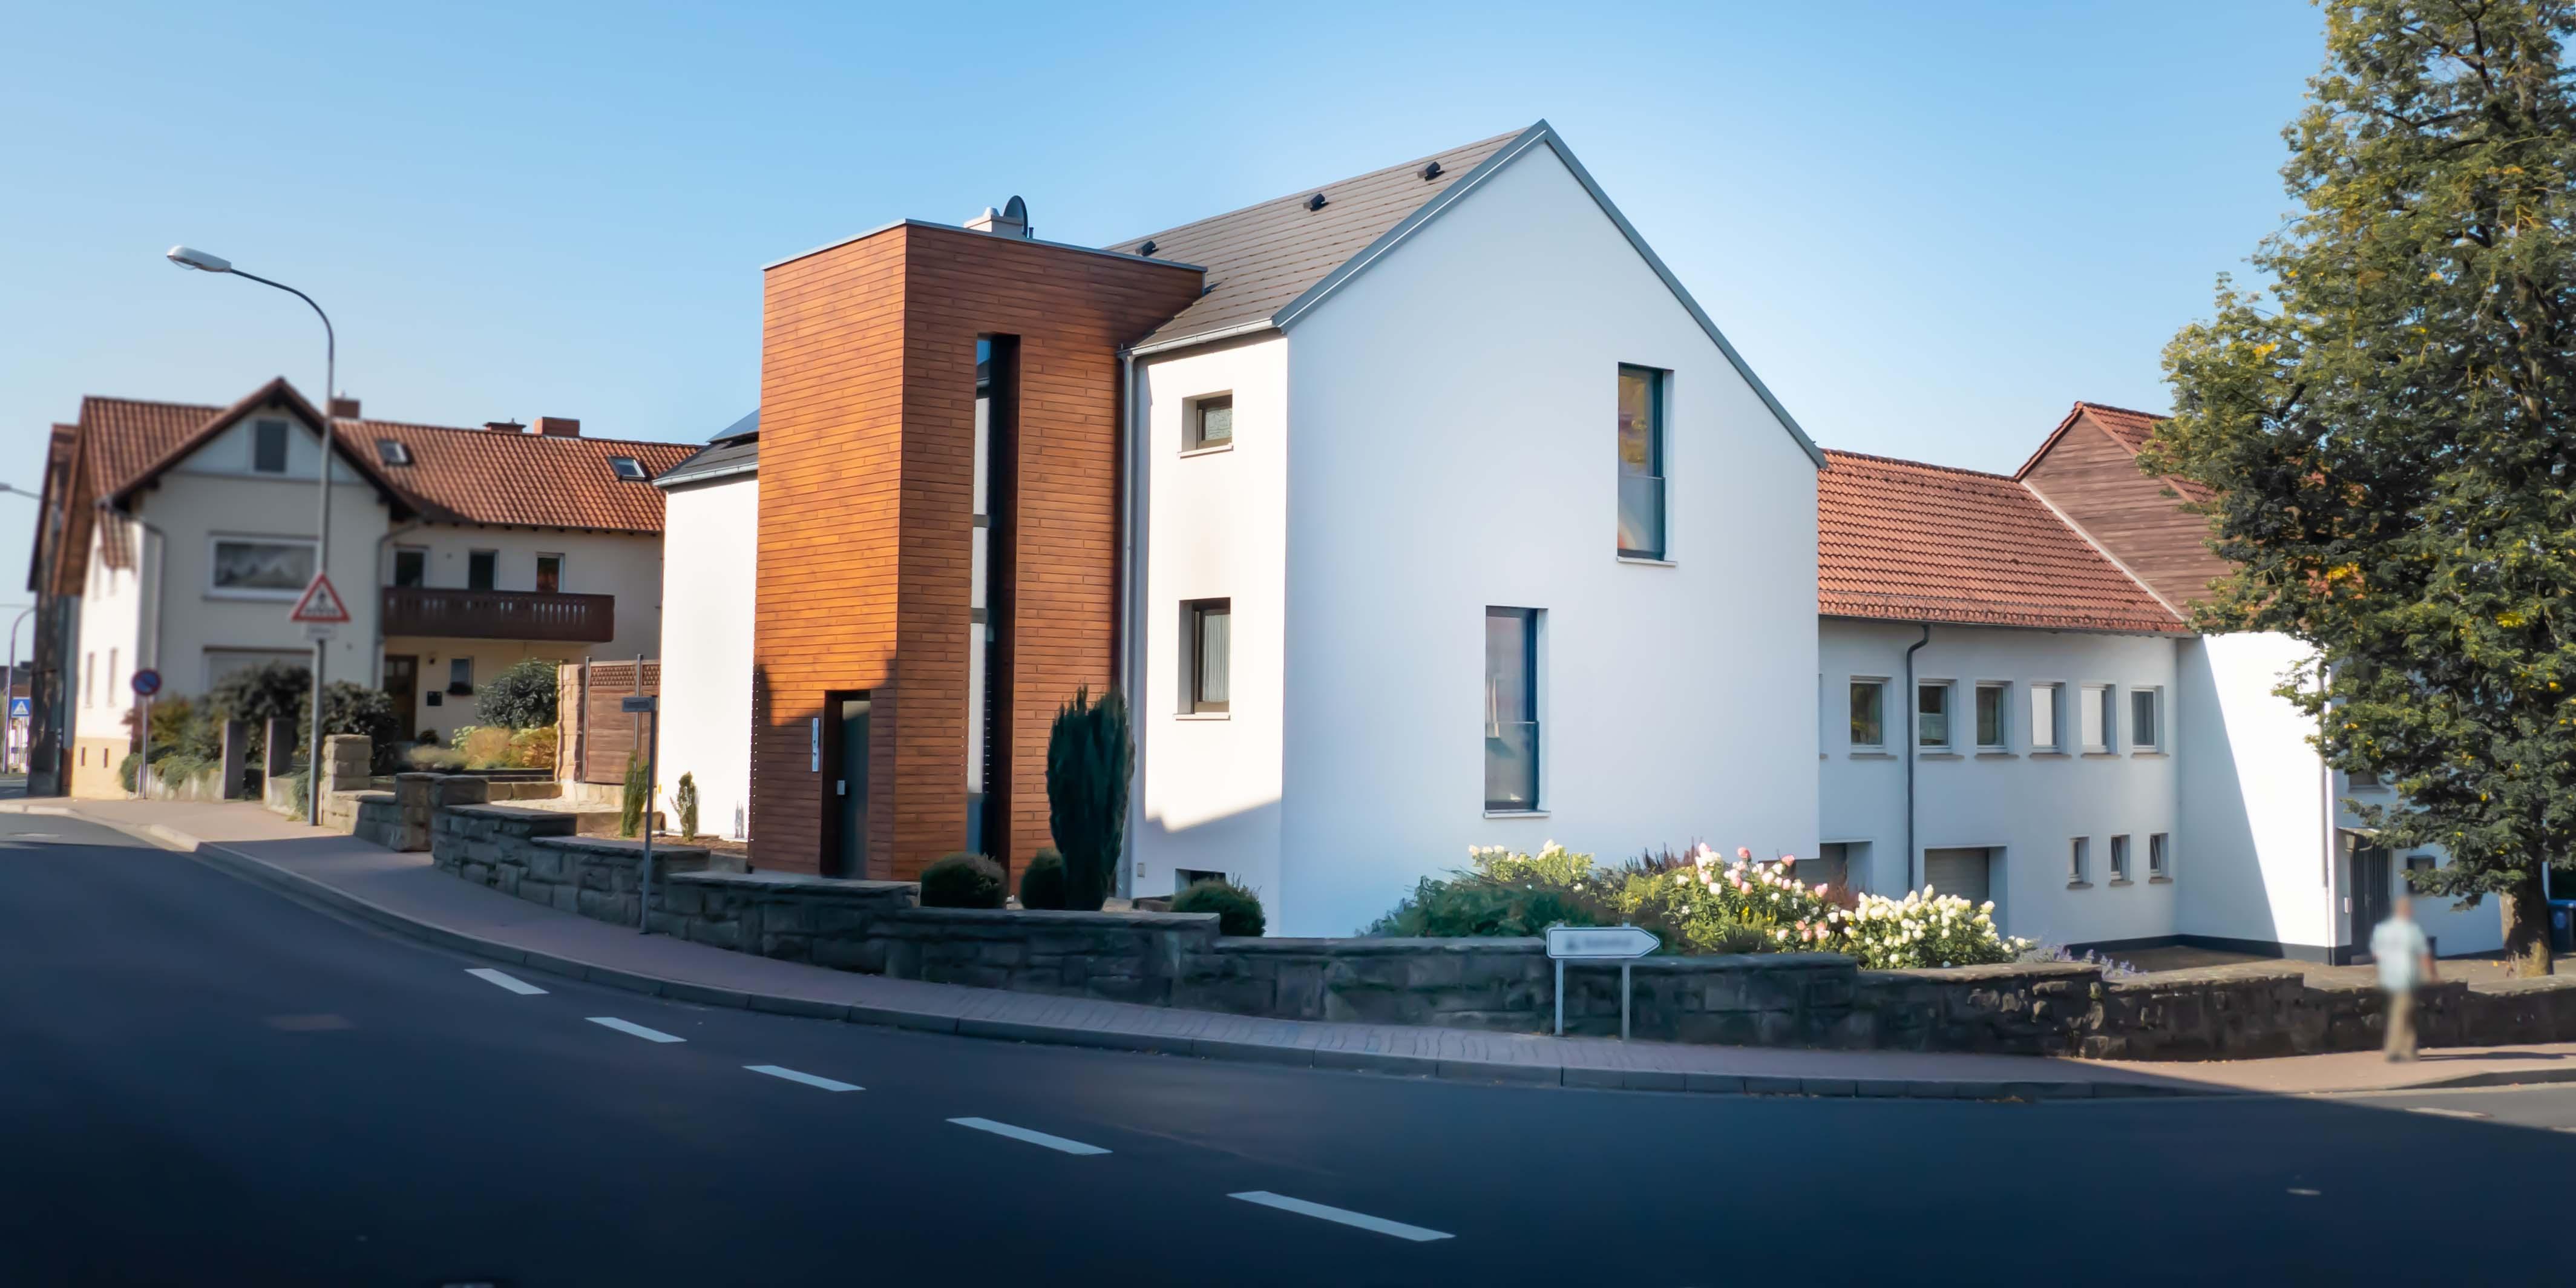 Pfarrheim St. Michael, Neuhof